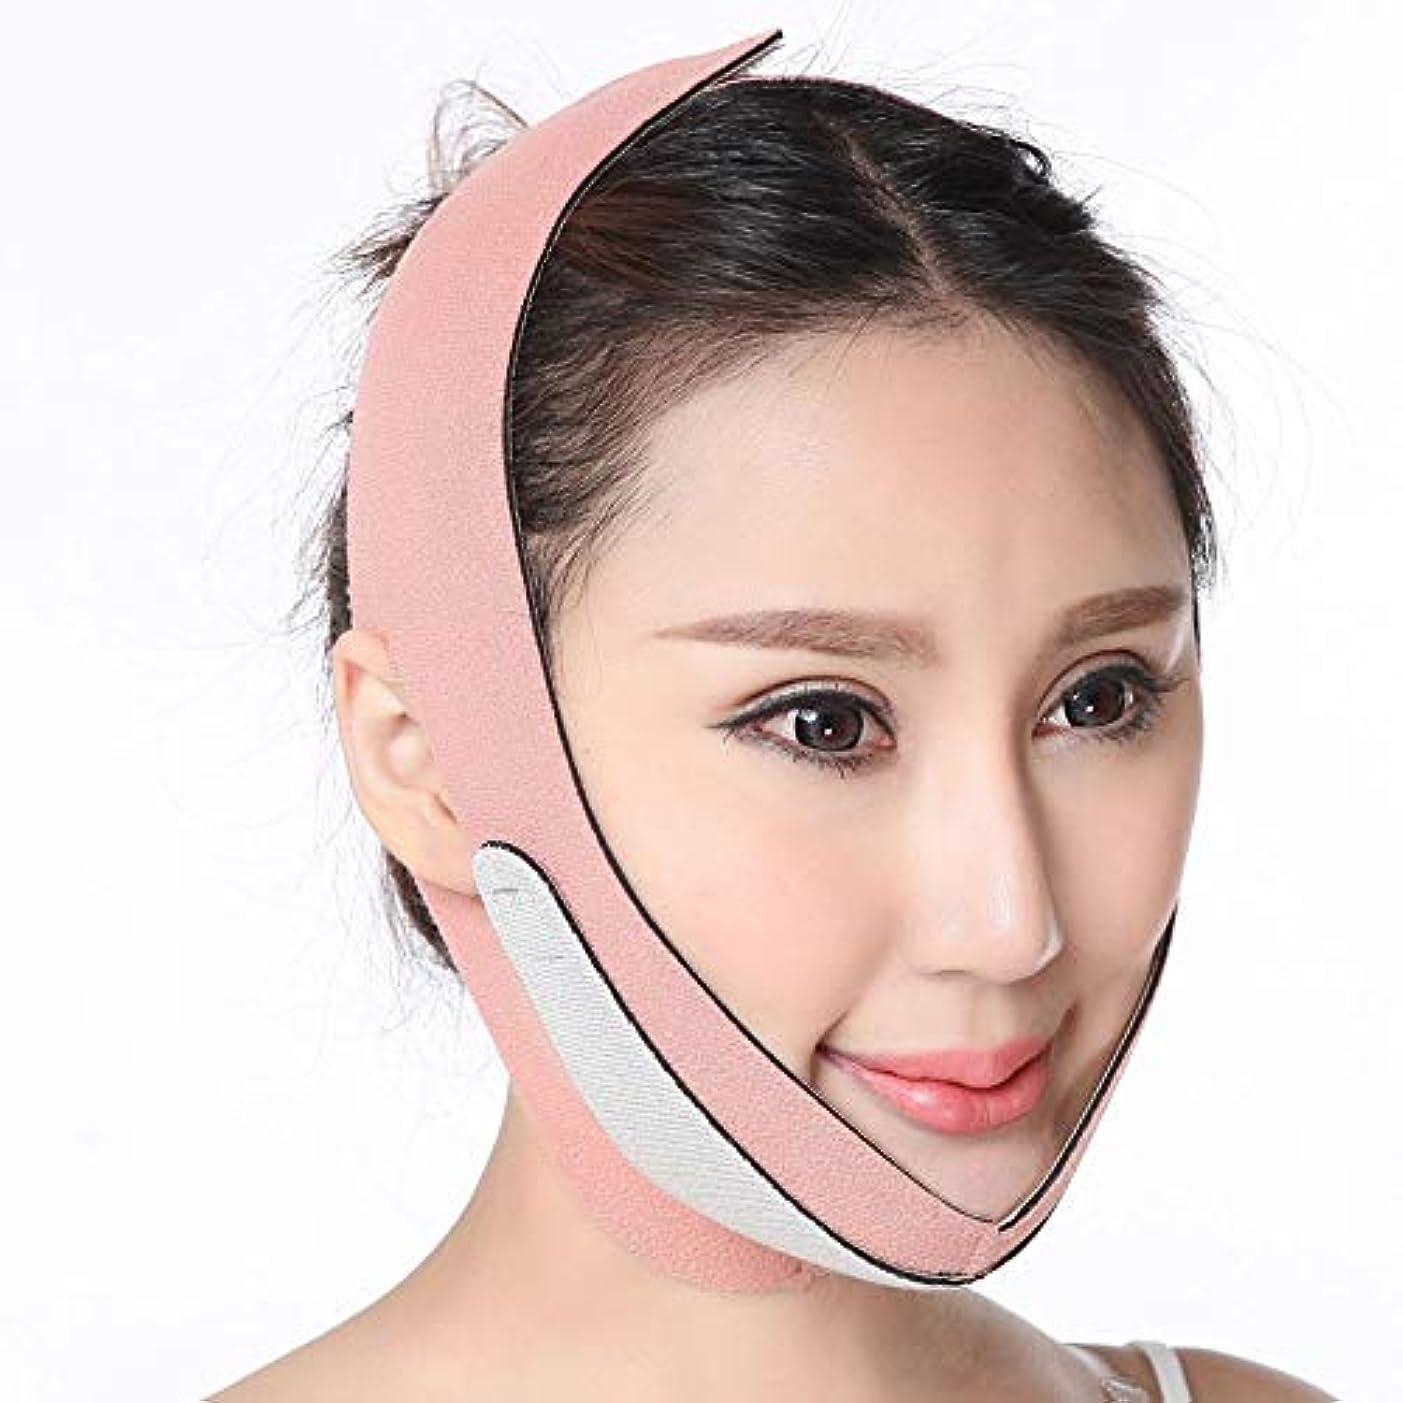 デッドロック歌最大化するHEMFV 顔のスリミングベルトマスクストラップ美容通気性のフェイス二重あごケア減量包帯